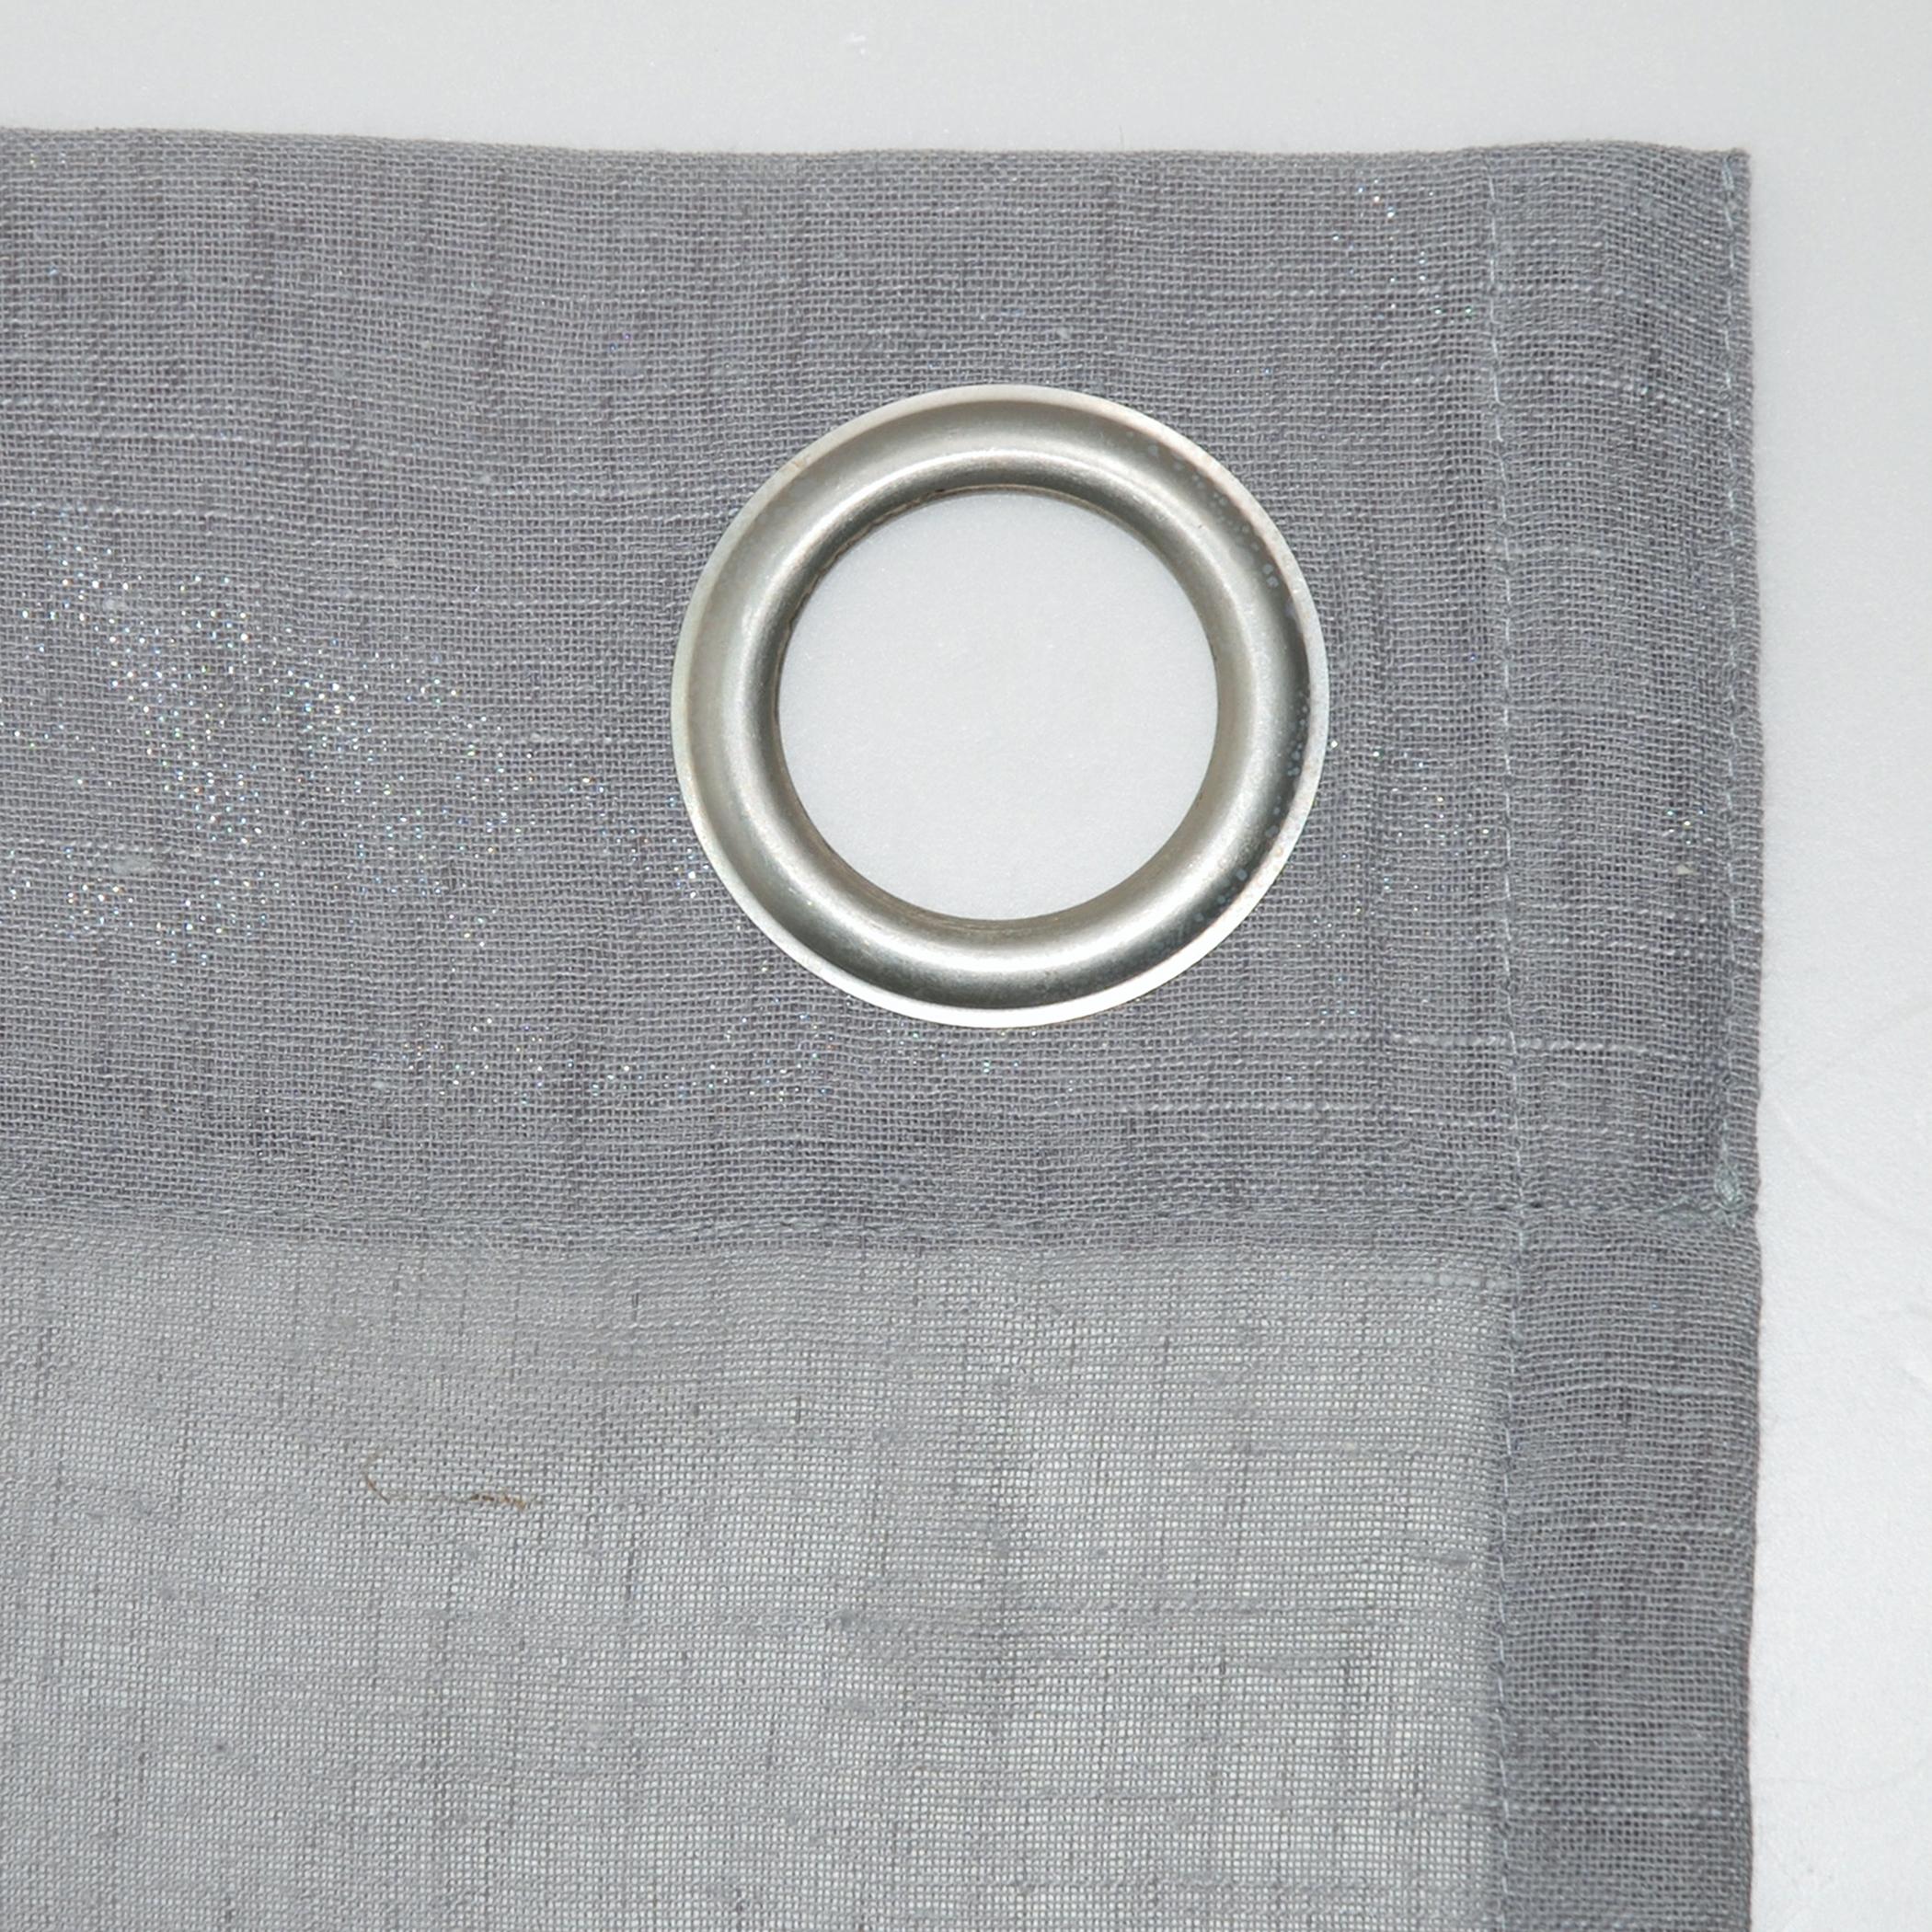 Archaeo Slub Textured Linen Blend Grommet Top Curtain Pertaining To Archaeo Slub Textured Linen Blend Grommet Top Curtains (View 4 of 20)